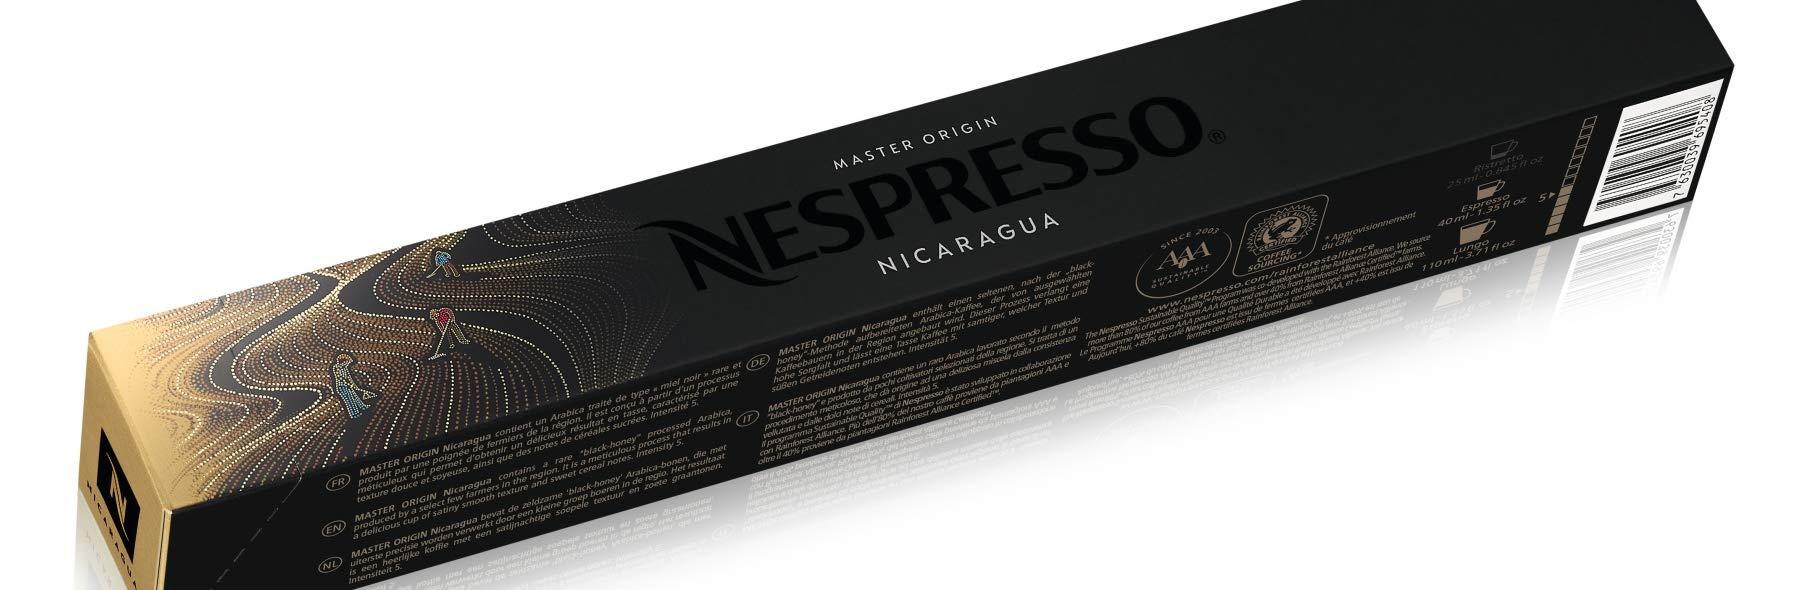 Nespresso Original Master Origin coffee pods and capsules (a cereal, honey coffee with aromas of nutty)